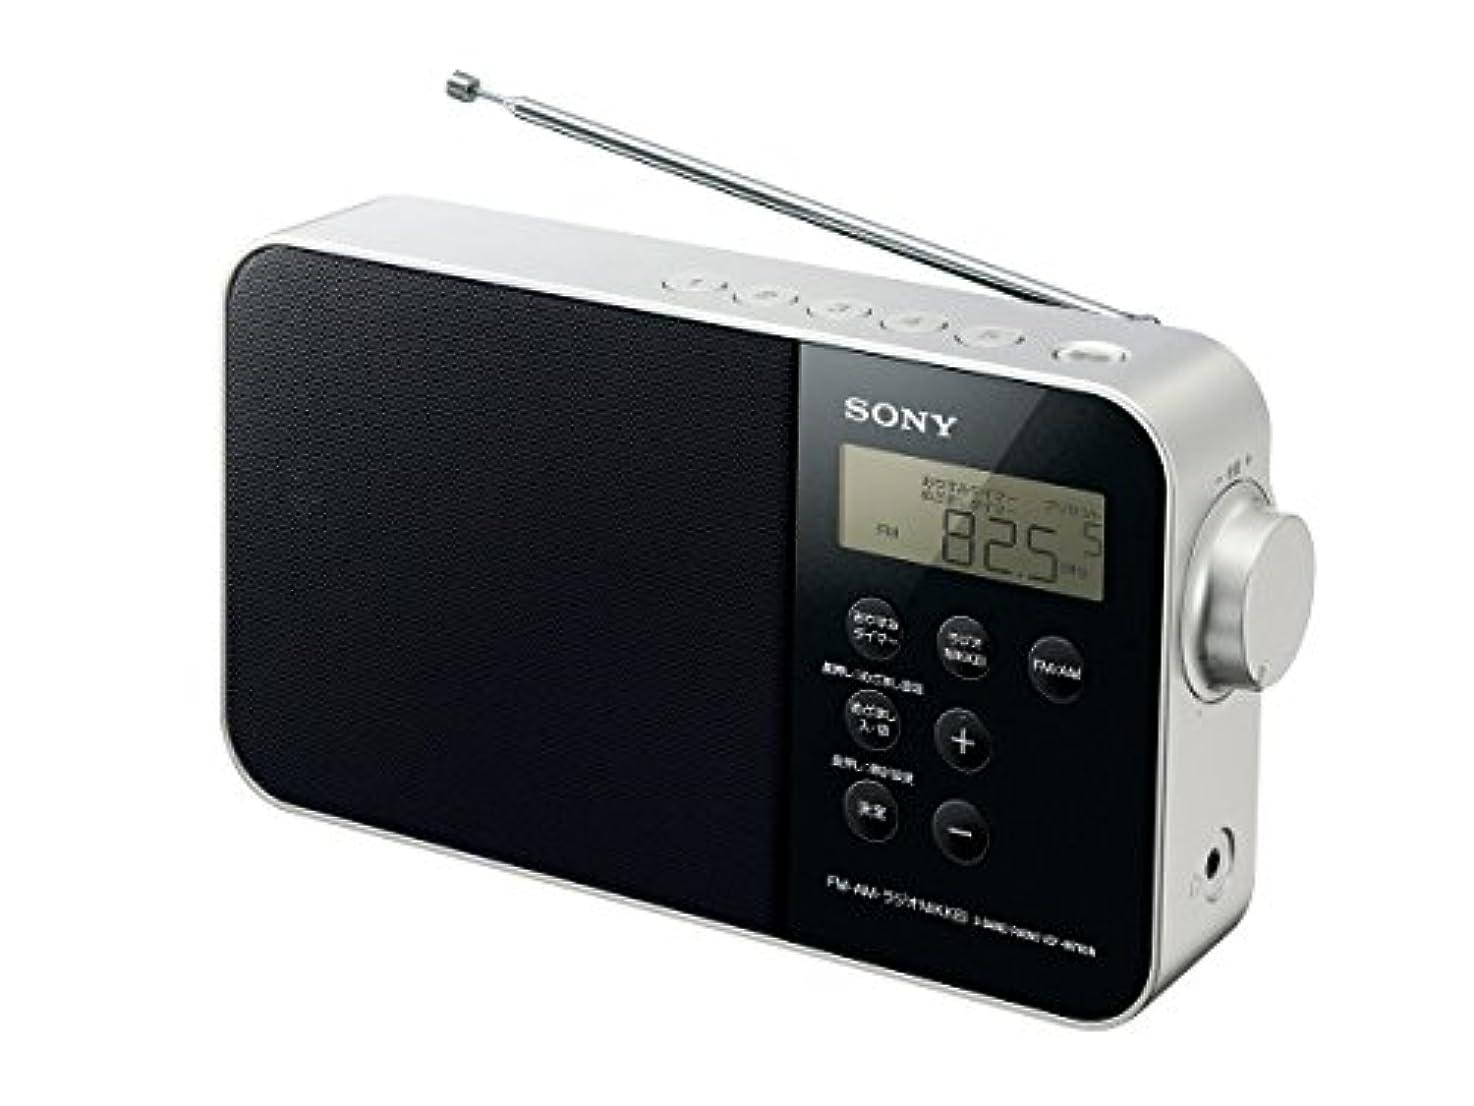 死すべきラダ孤児ソニー SONY PLLシンセサイザーポータブルラジオ ICF-M780N : FM/AM/ワイドFM/ラジオNIKKEI対応 乾電池対応 ブラック ICF-M780N B